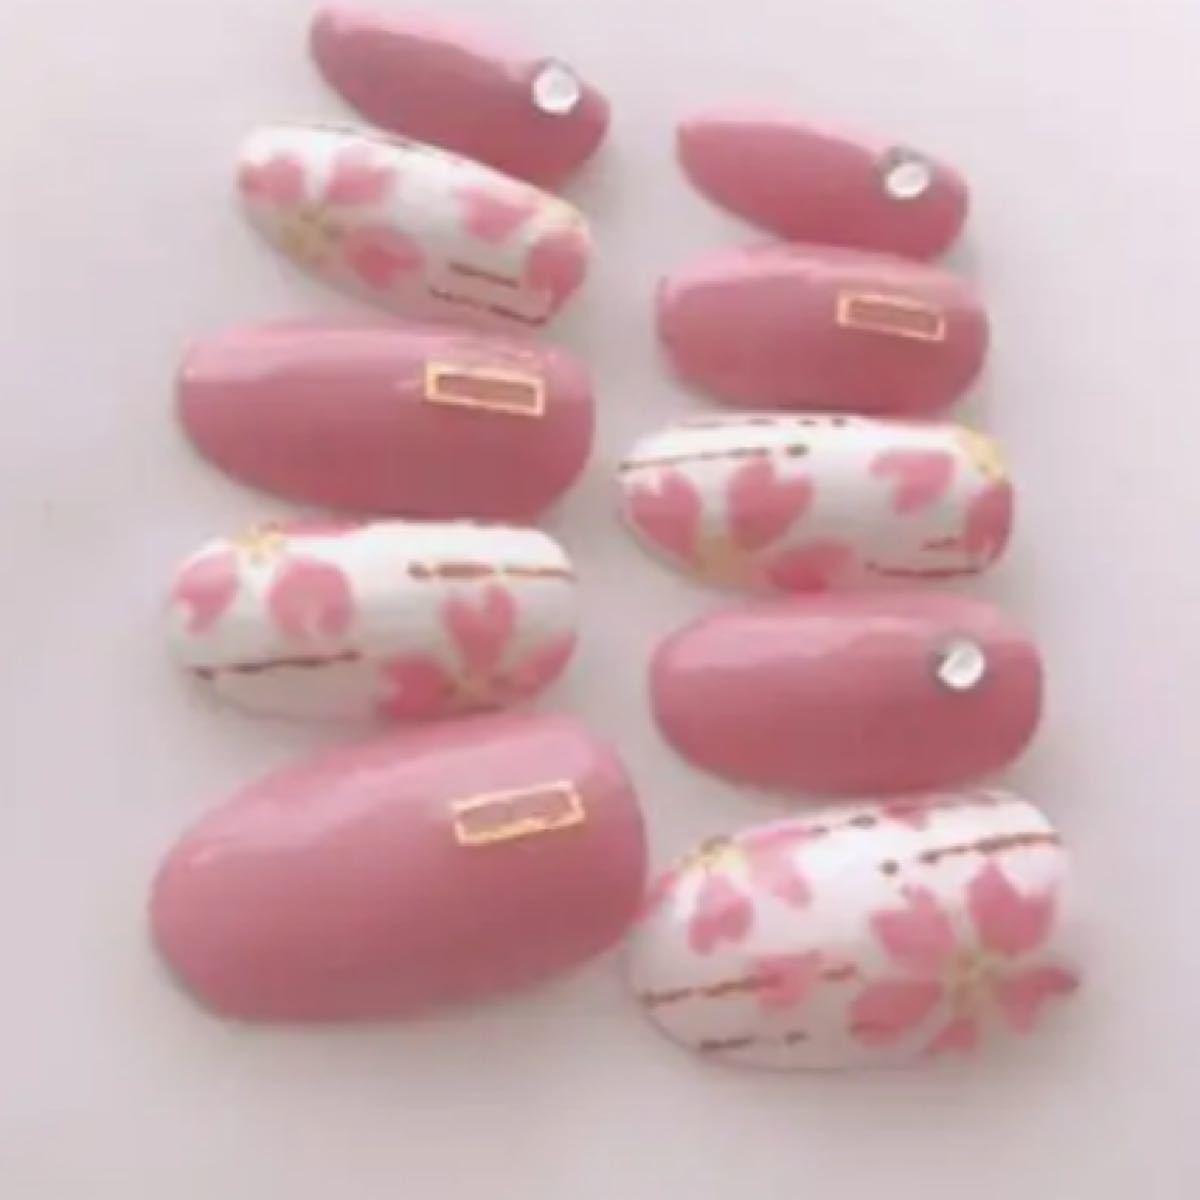 ネイルチップ 和柄 桜ネイル 成人式ネイル 浴衣ネイル